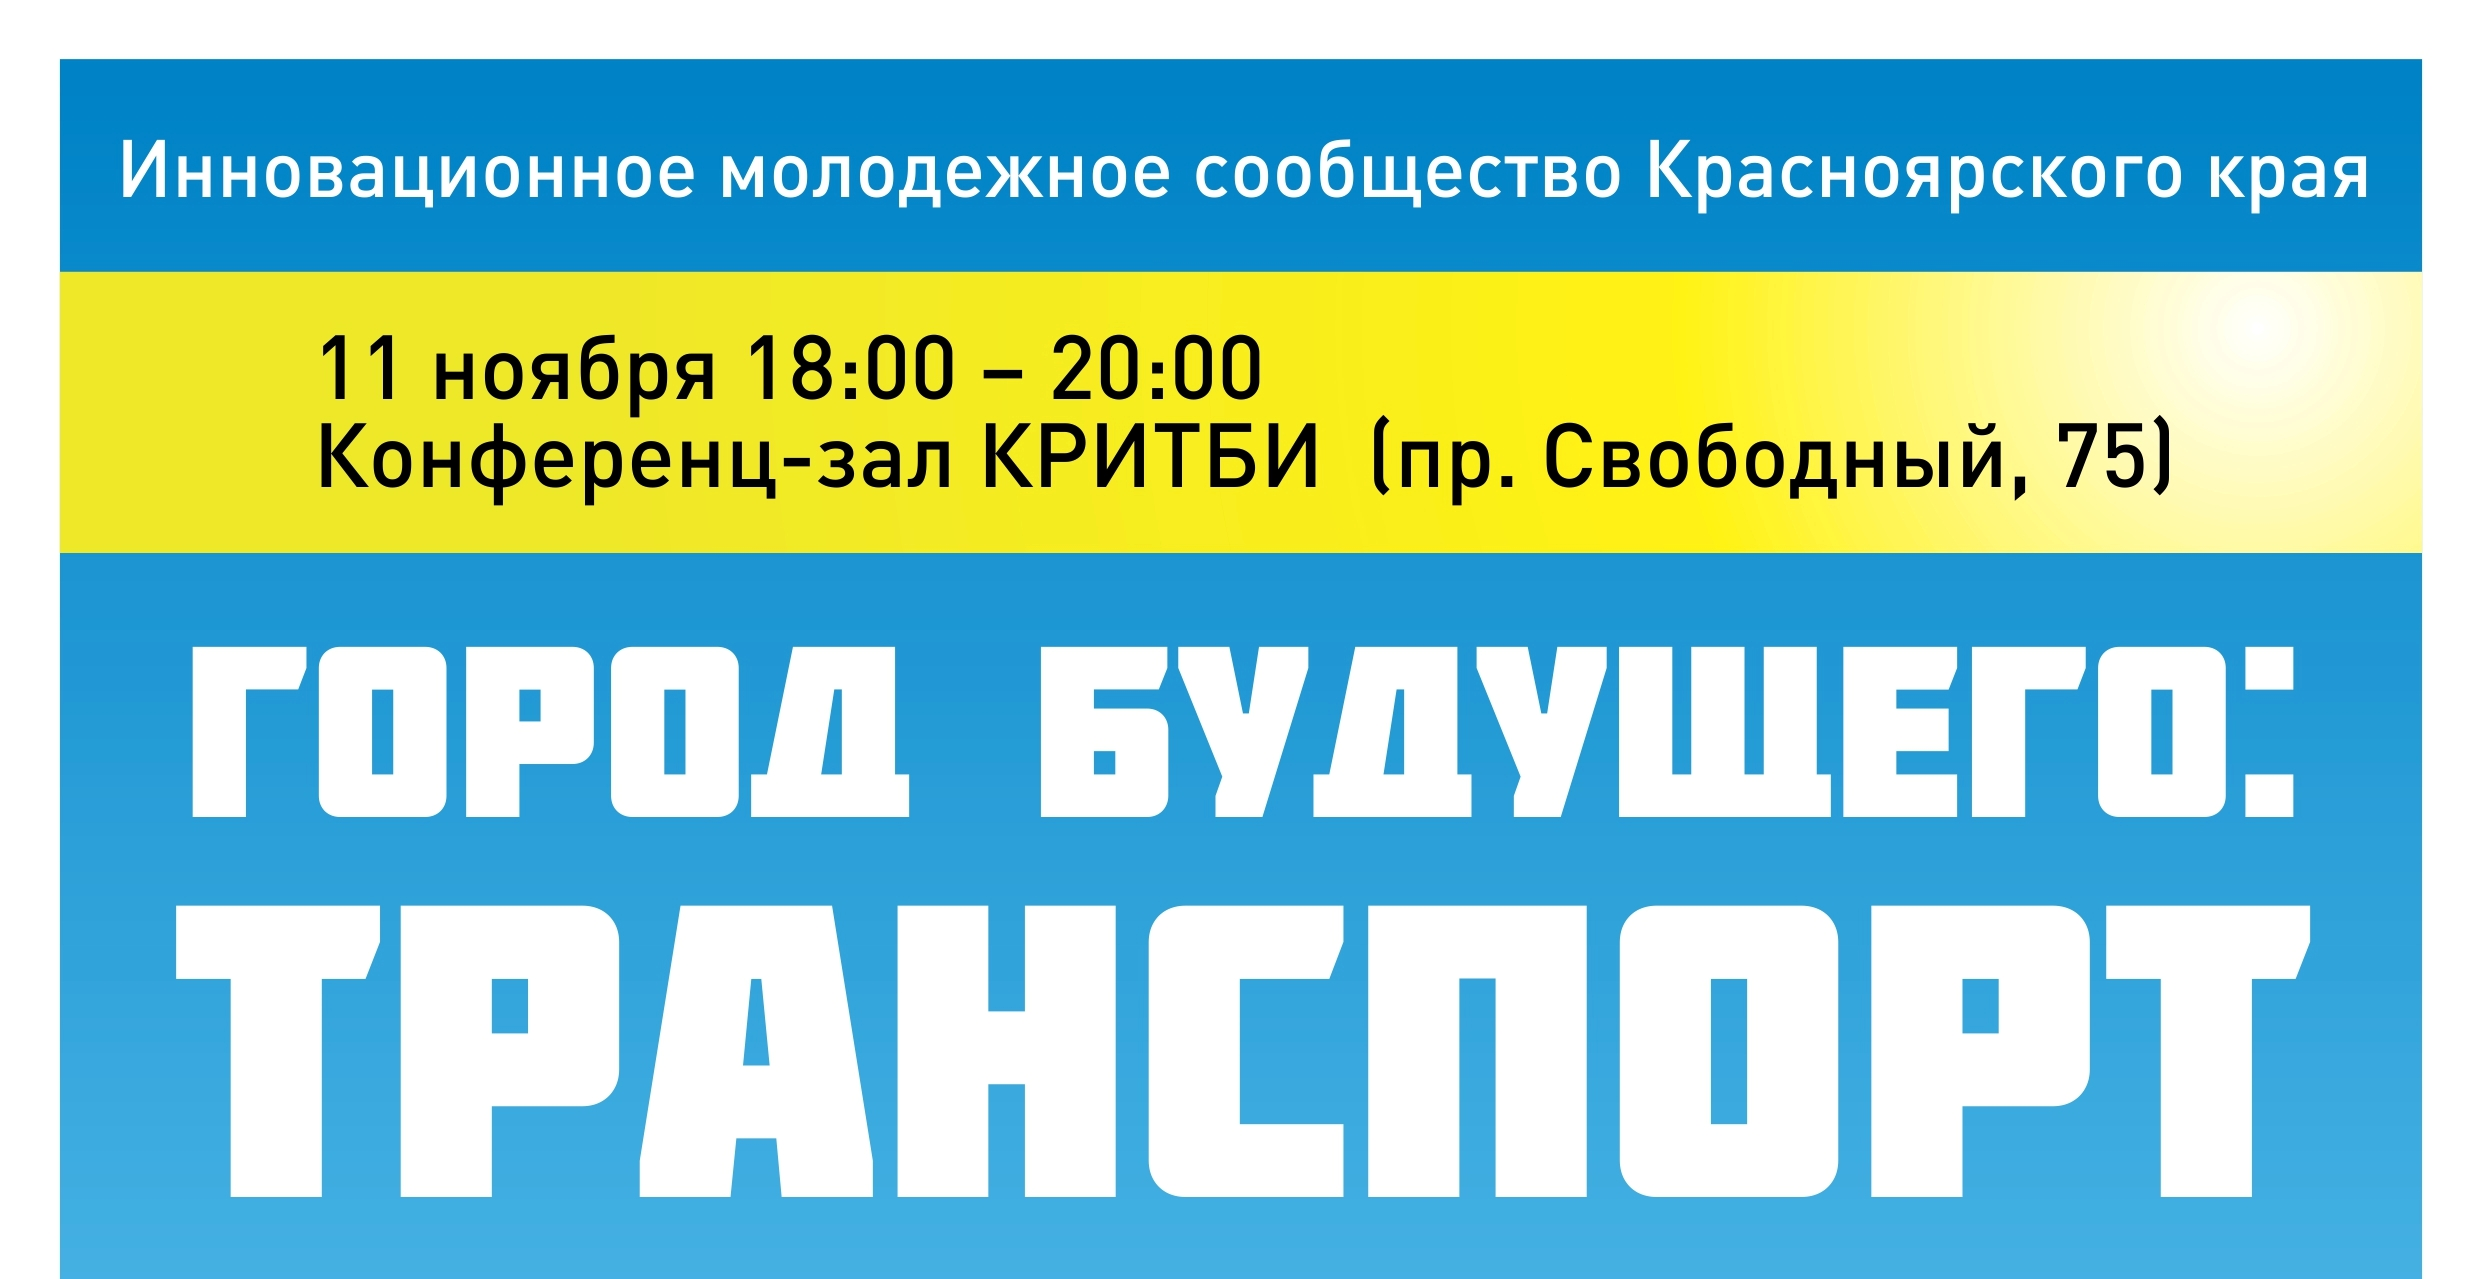 Публичная дискуссия «Город будущего»